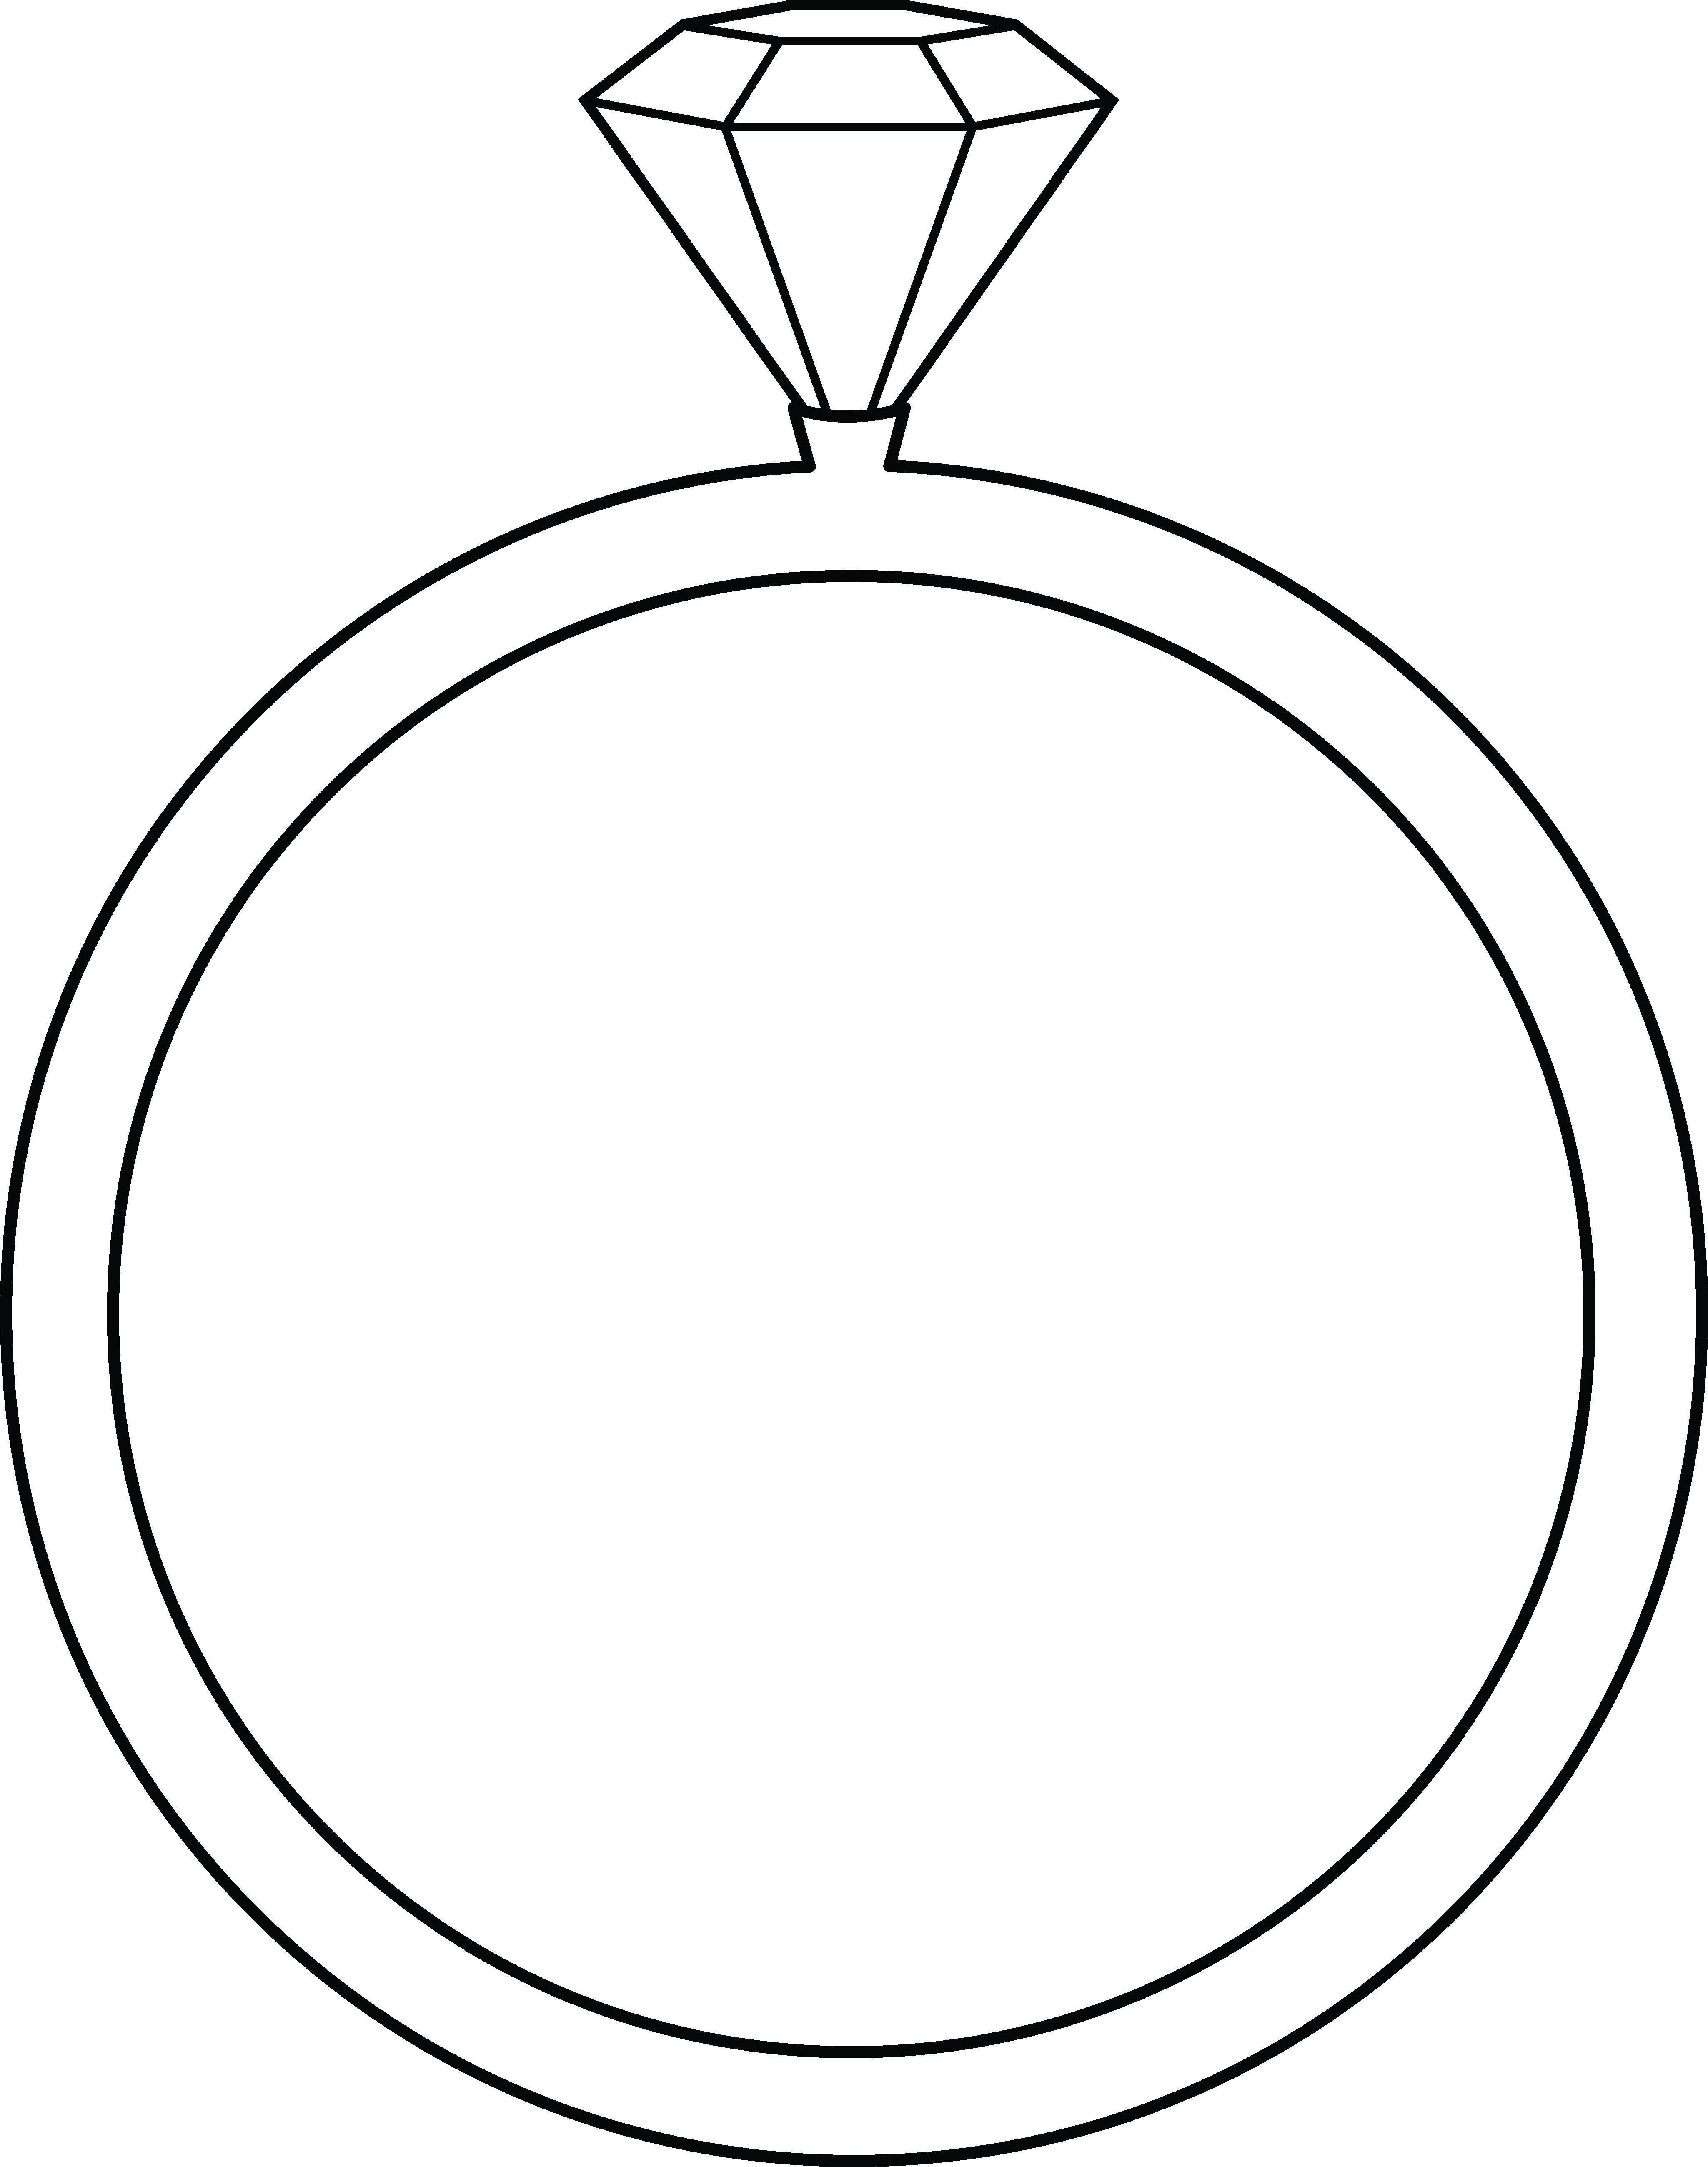 diamond engagement rings clip art 10 engagement rings pinterest rh pinterest com Wedding Bells Clip Art free vector wedding ring clipart